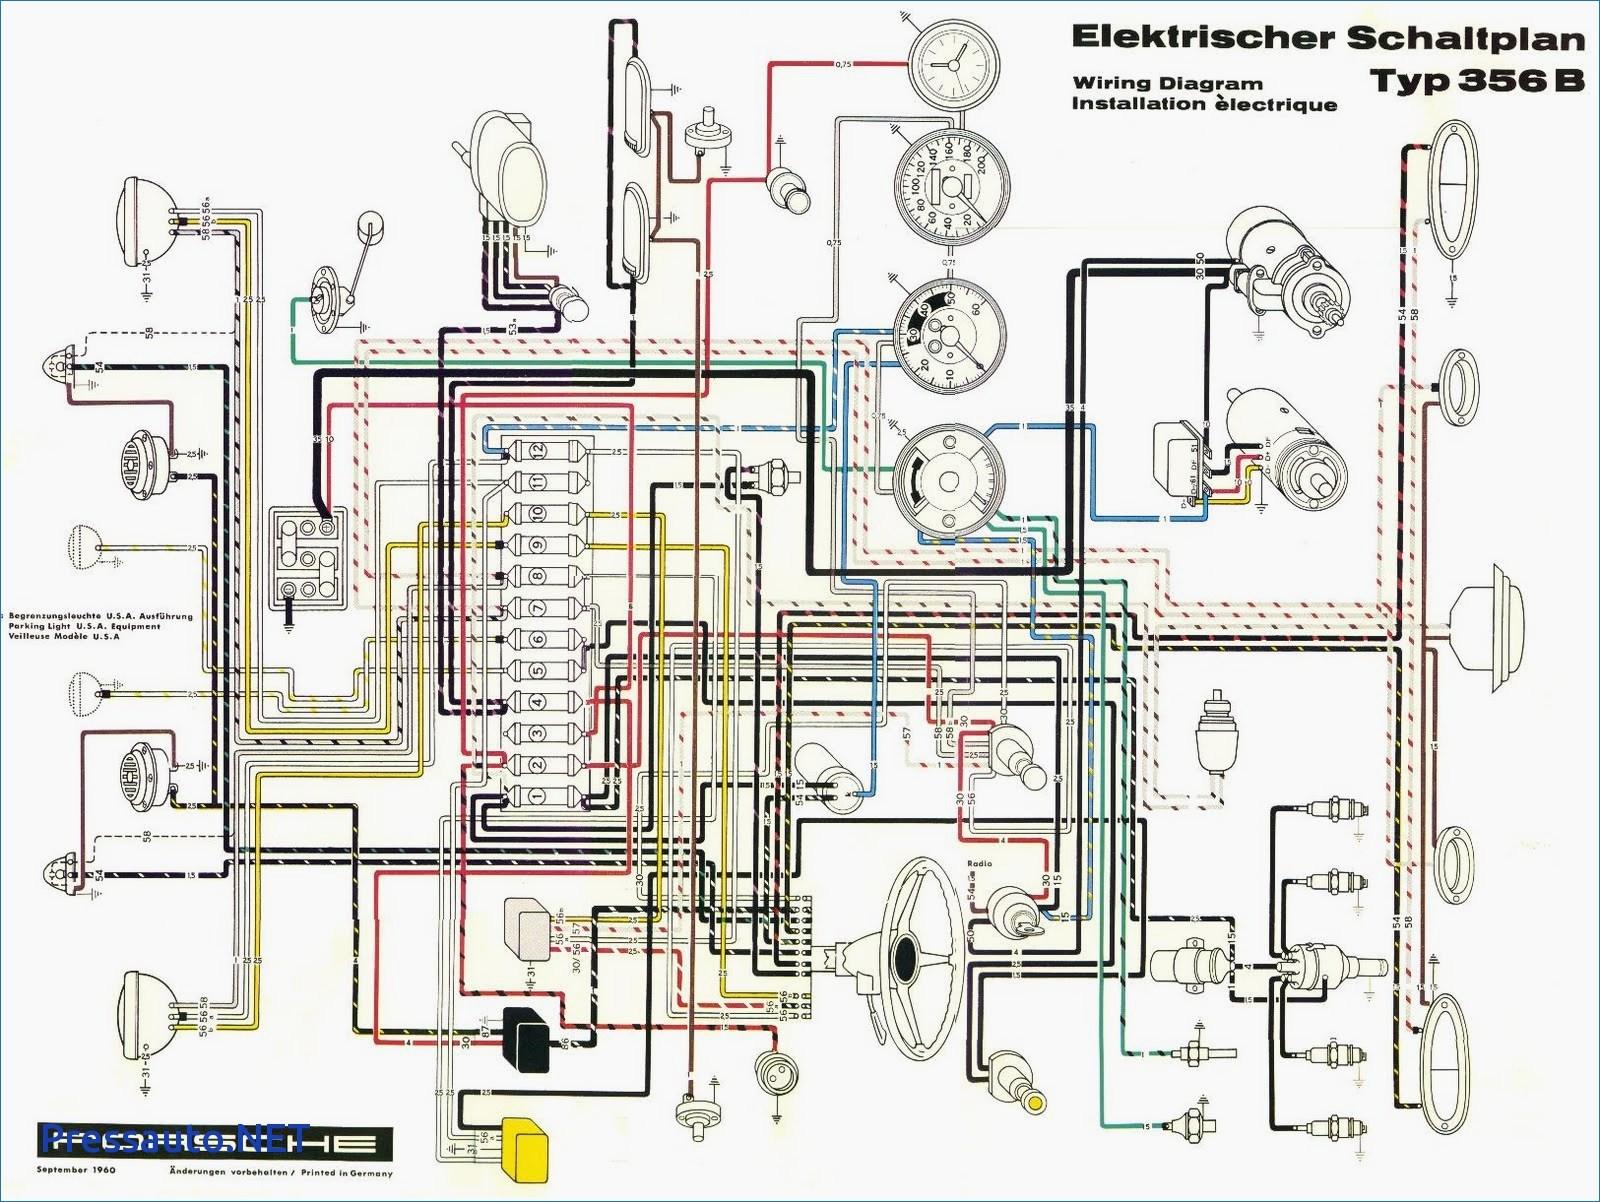 Yamaha Golf Cart Wiring Diagram 2Gf   Wiring Diagram - Yamaha Golf Cart Wiring Diagram